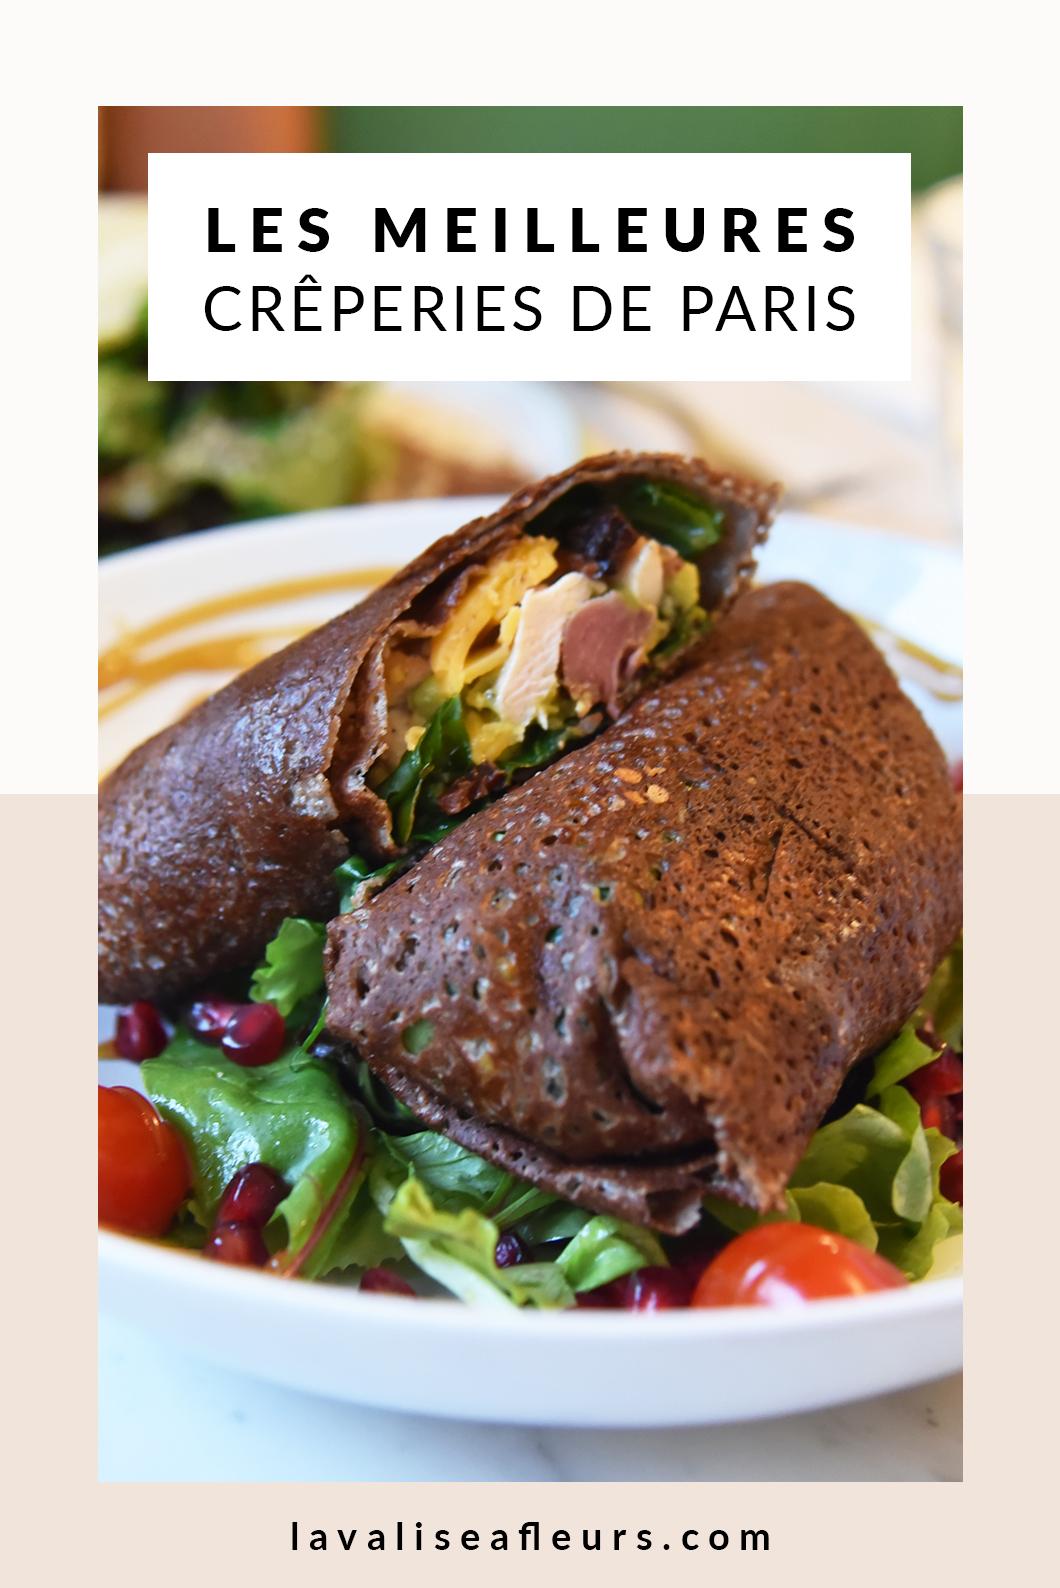 Top des meilleures crêperies de Paris